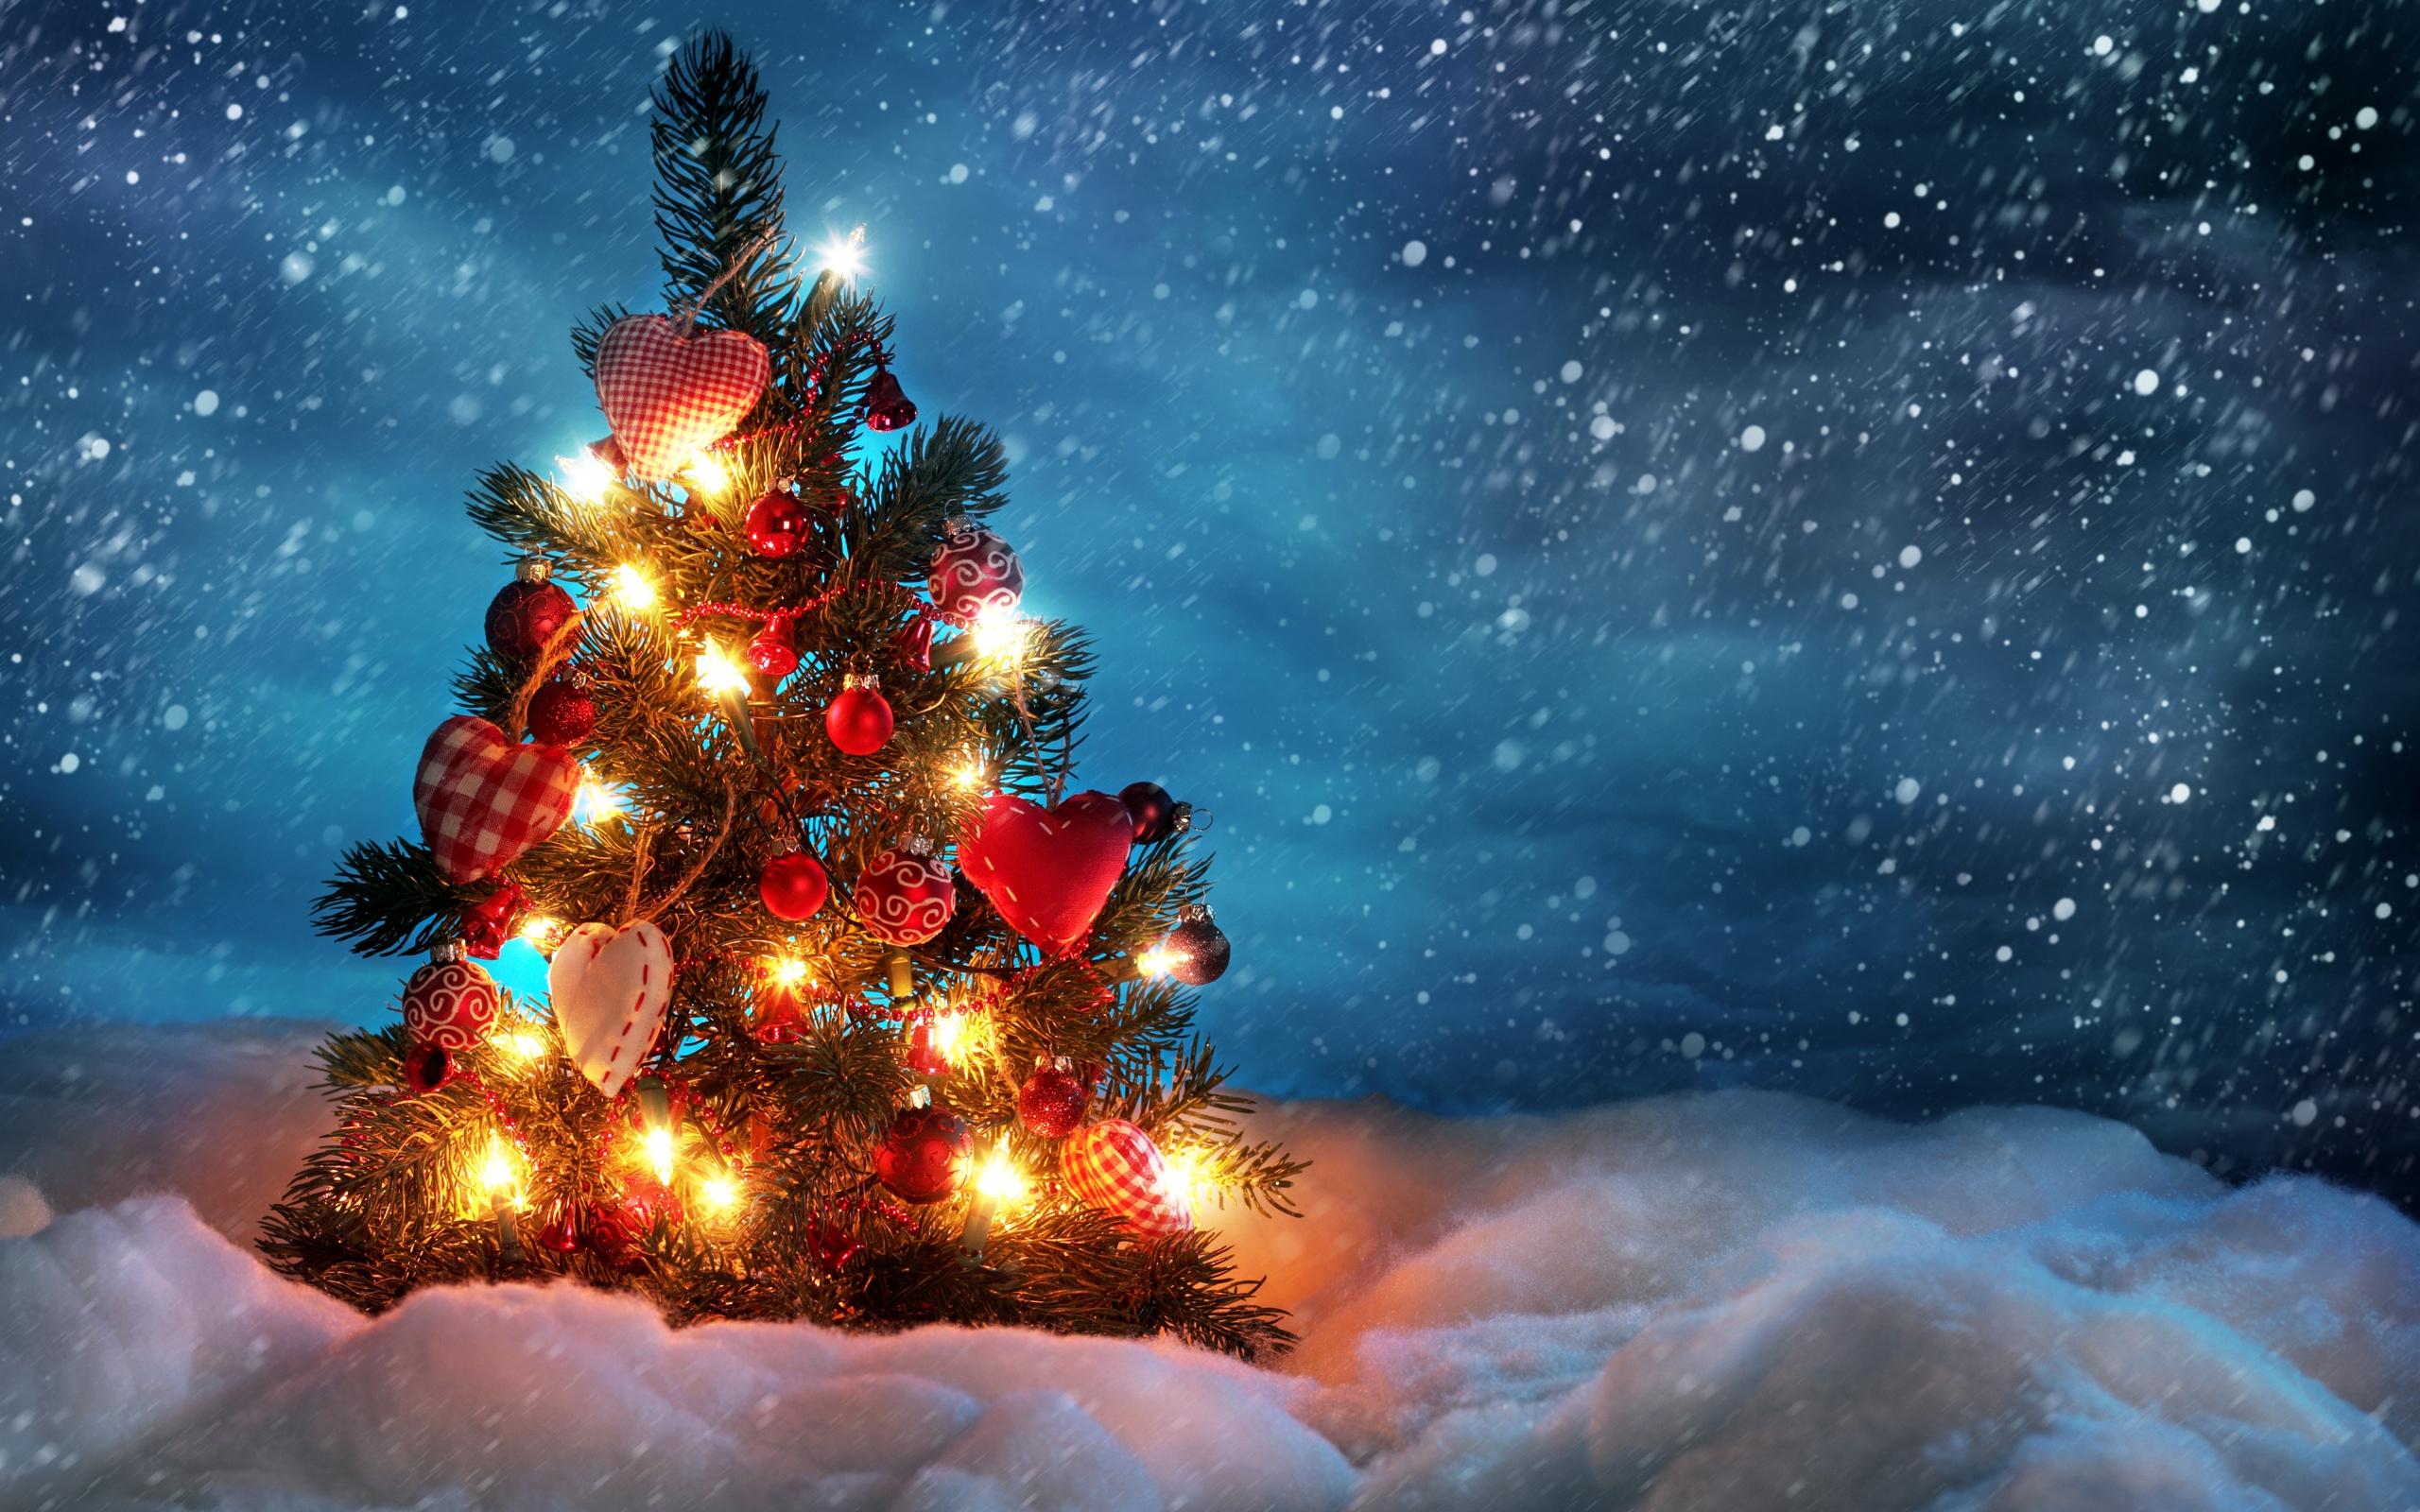 Um Feliz Natal e um Ótimo Ano Novo!